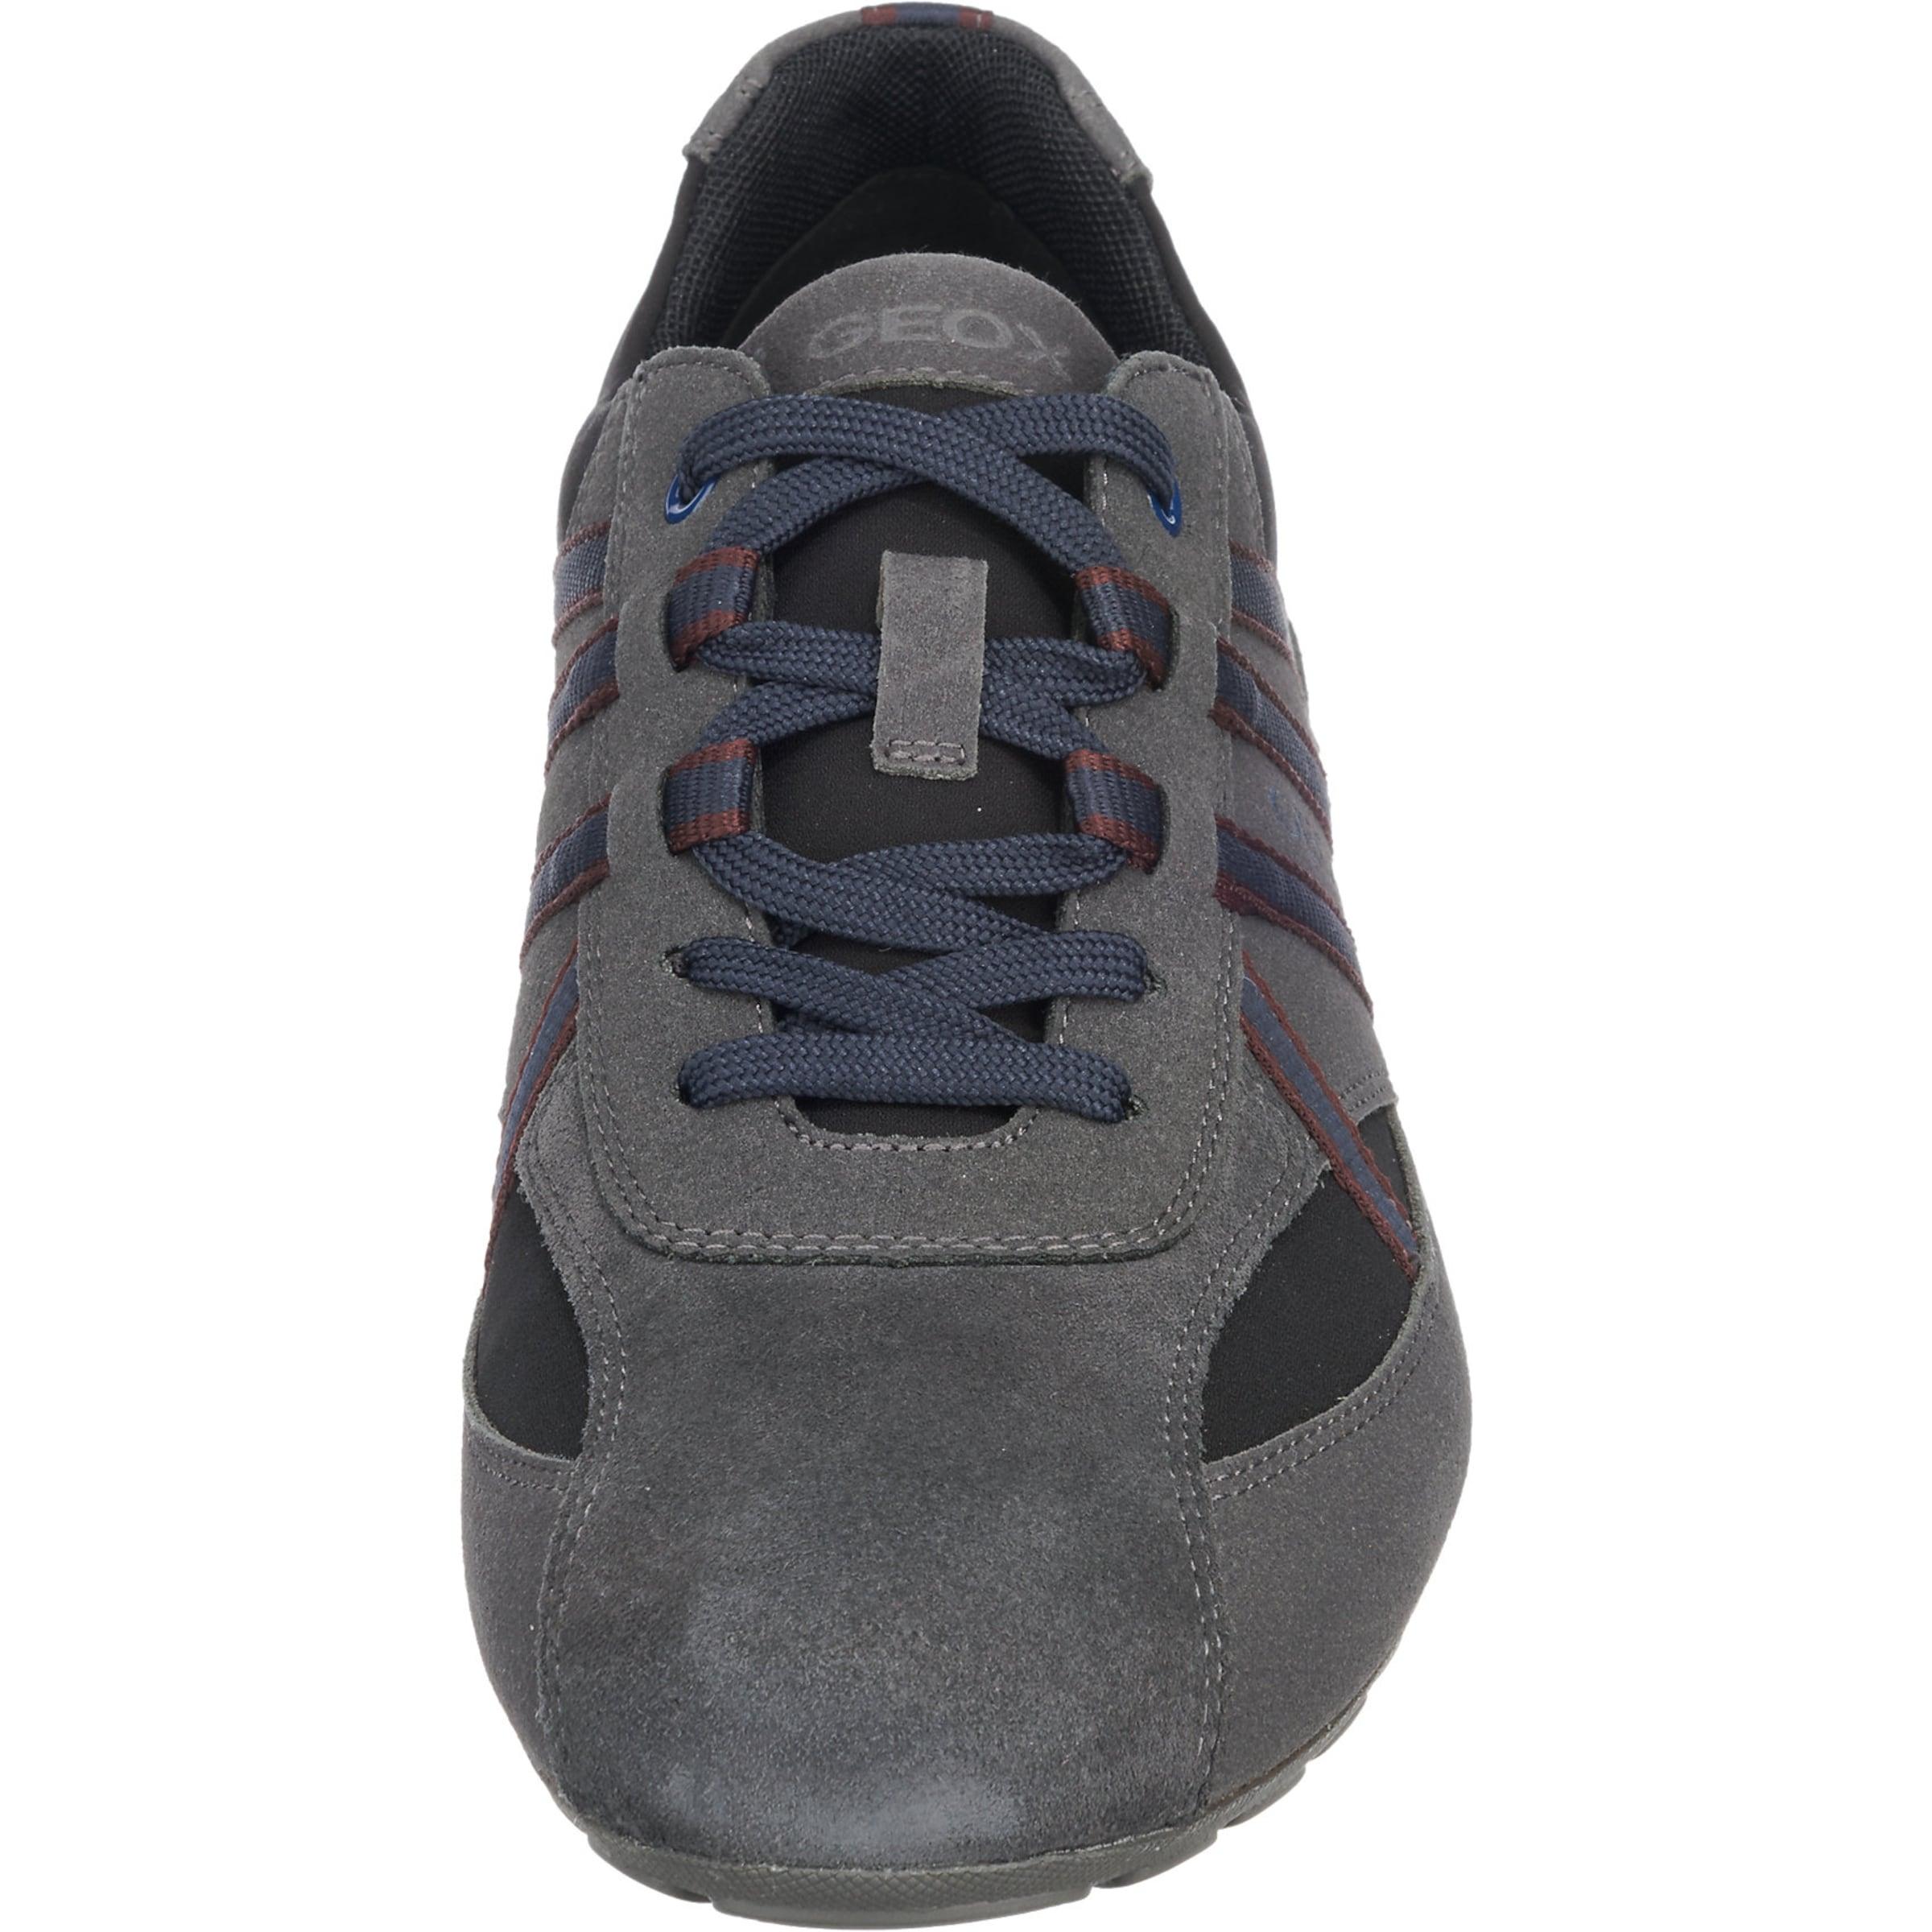 Ravex Geox In In Ravex Sneakers Sneakers GrauSchwarz Geox HWIY2ED9